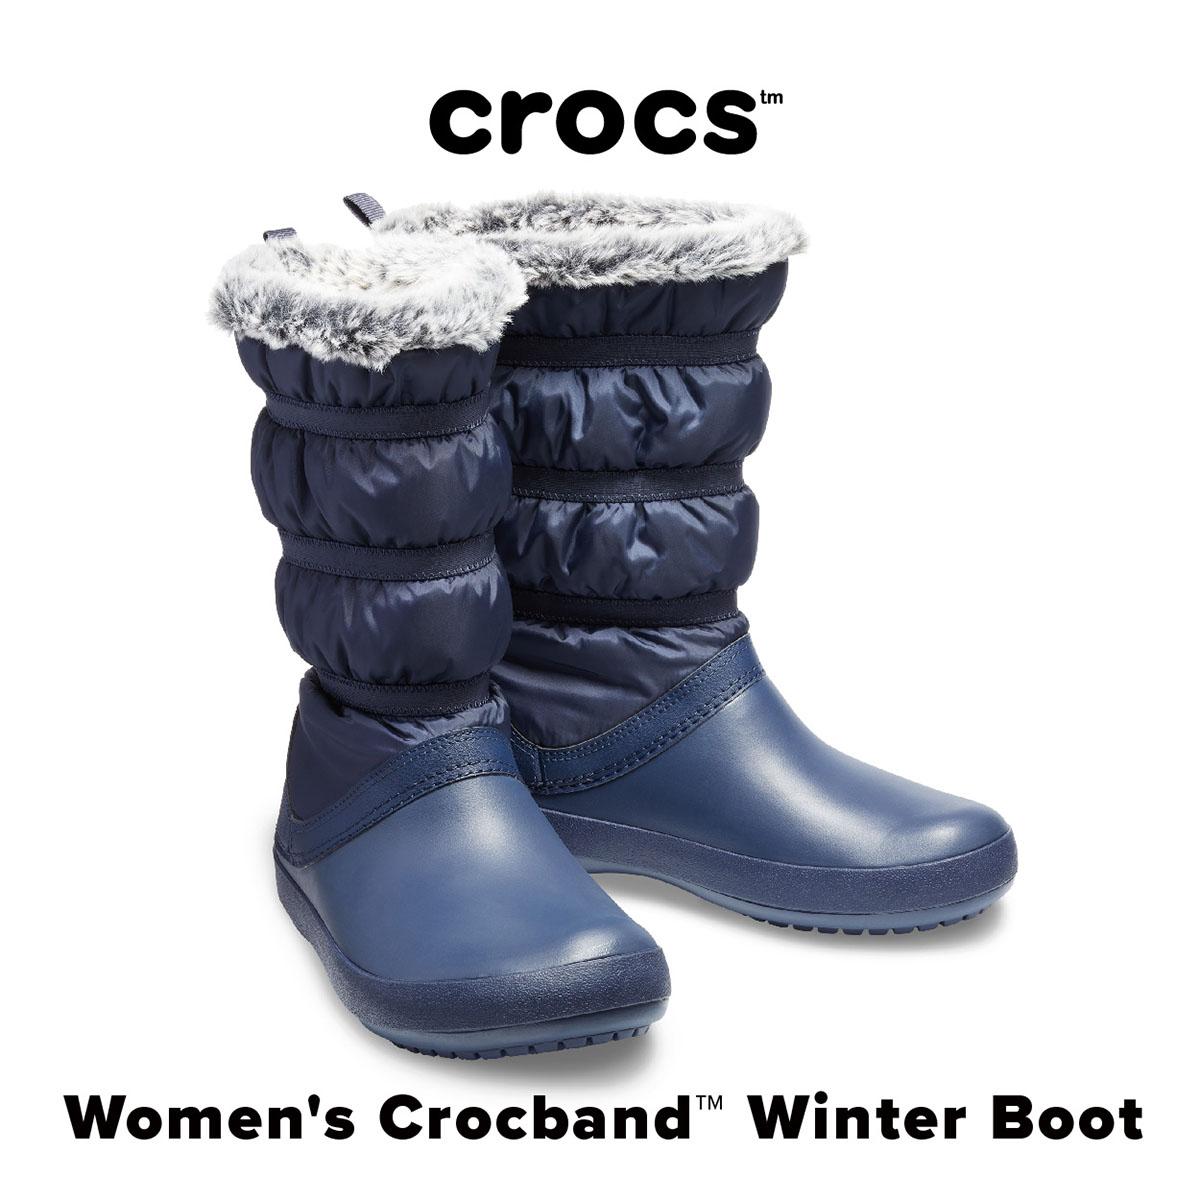 【SALE!!】Women's Crocband Winter Boot【クロックバンド ウィンター ブーツ ウィメン】◉クロックス正規取扱店なのでご安心ください◉